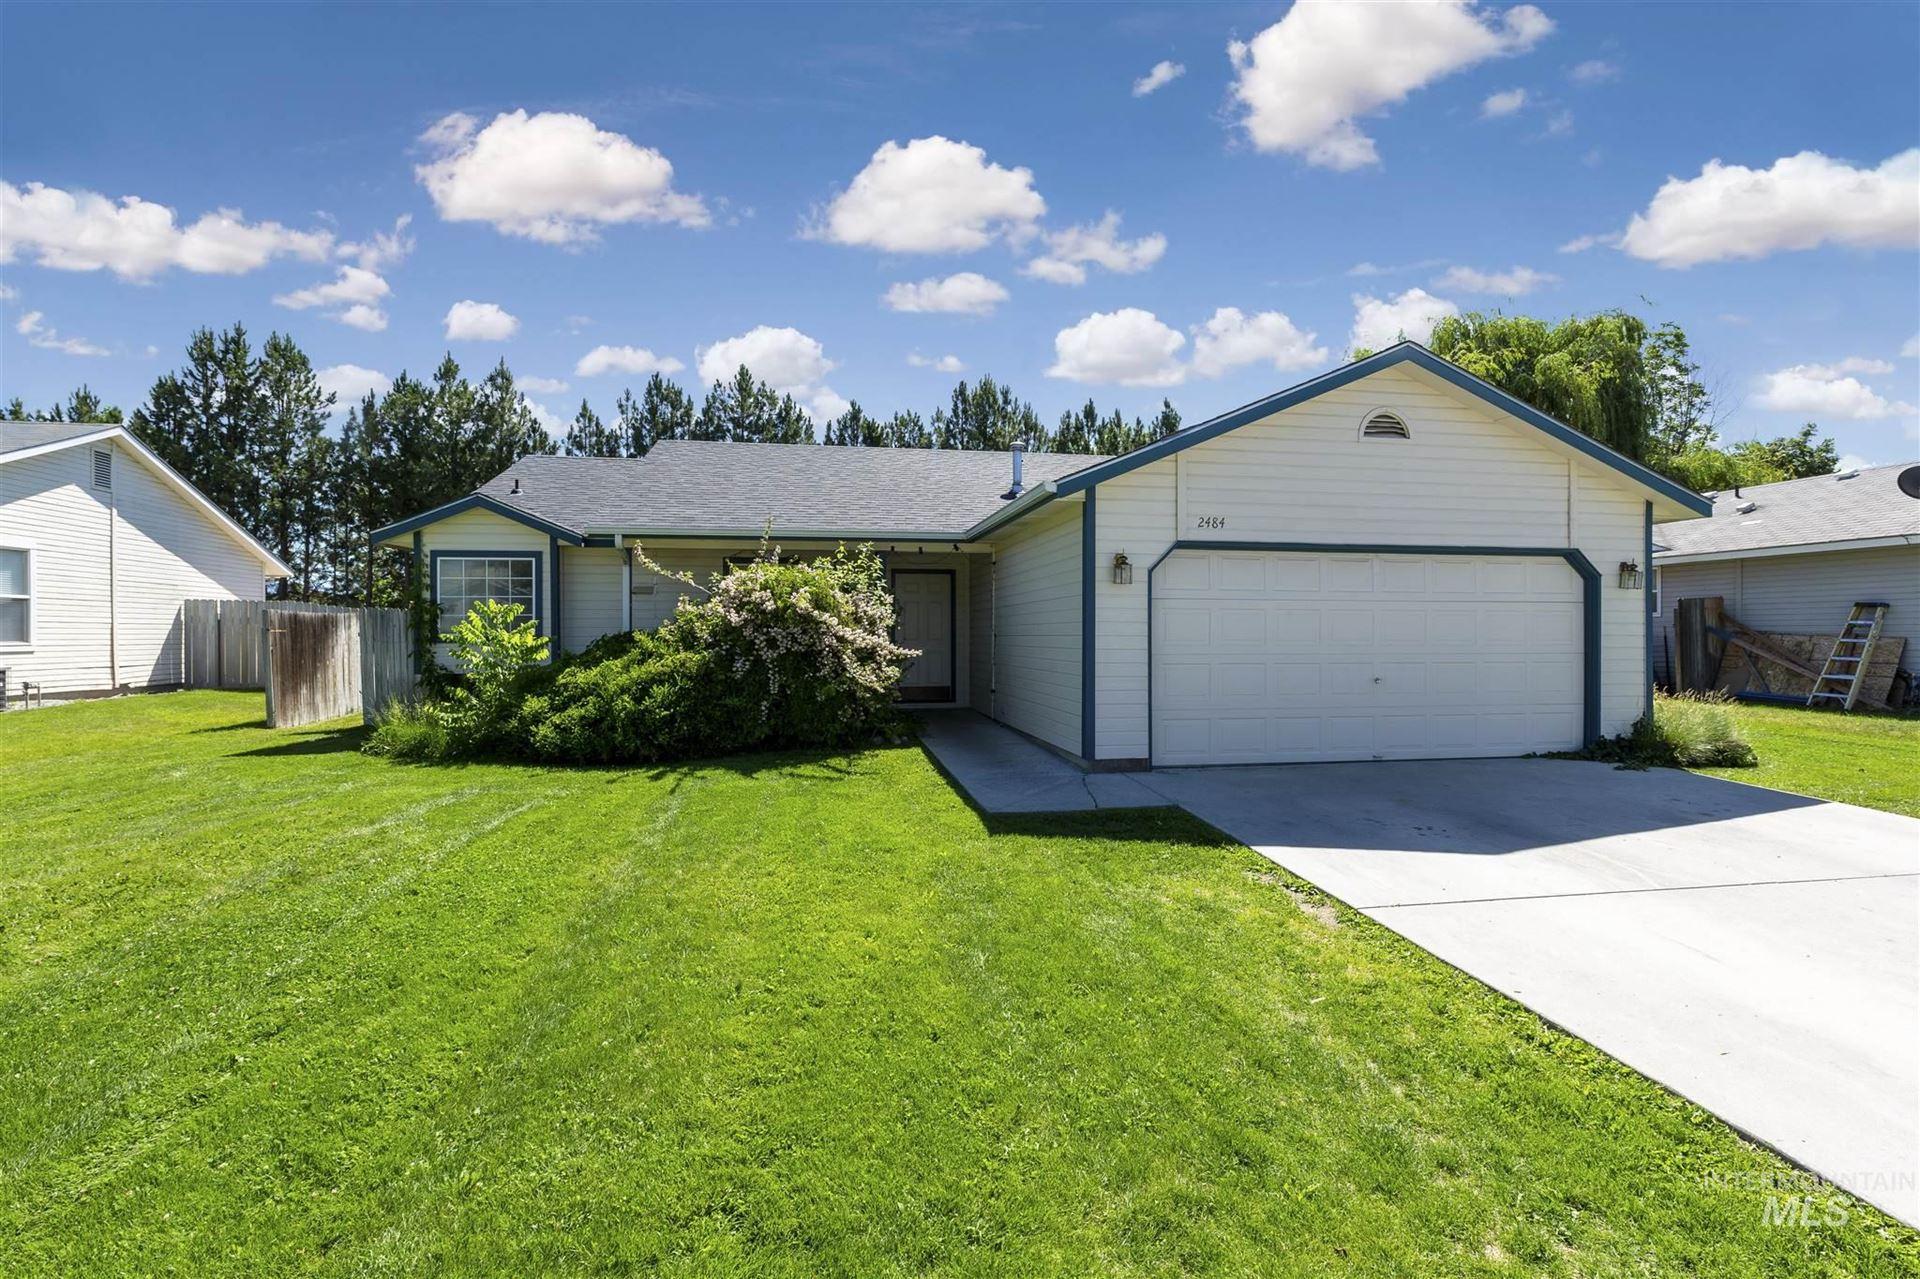 Photo of 2484 N Morrow, Boise, ID 83713 (MLS # 98807115)